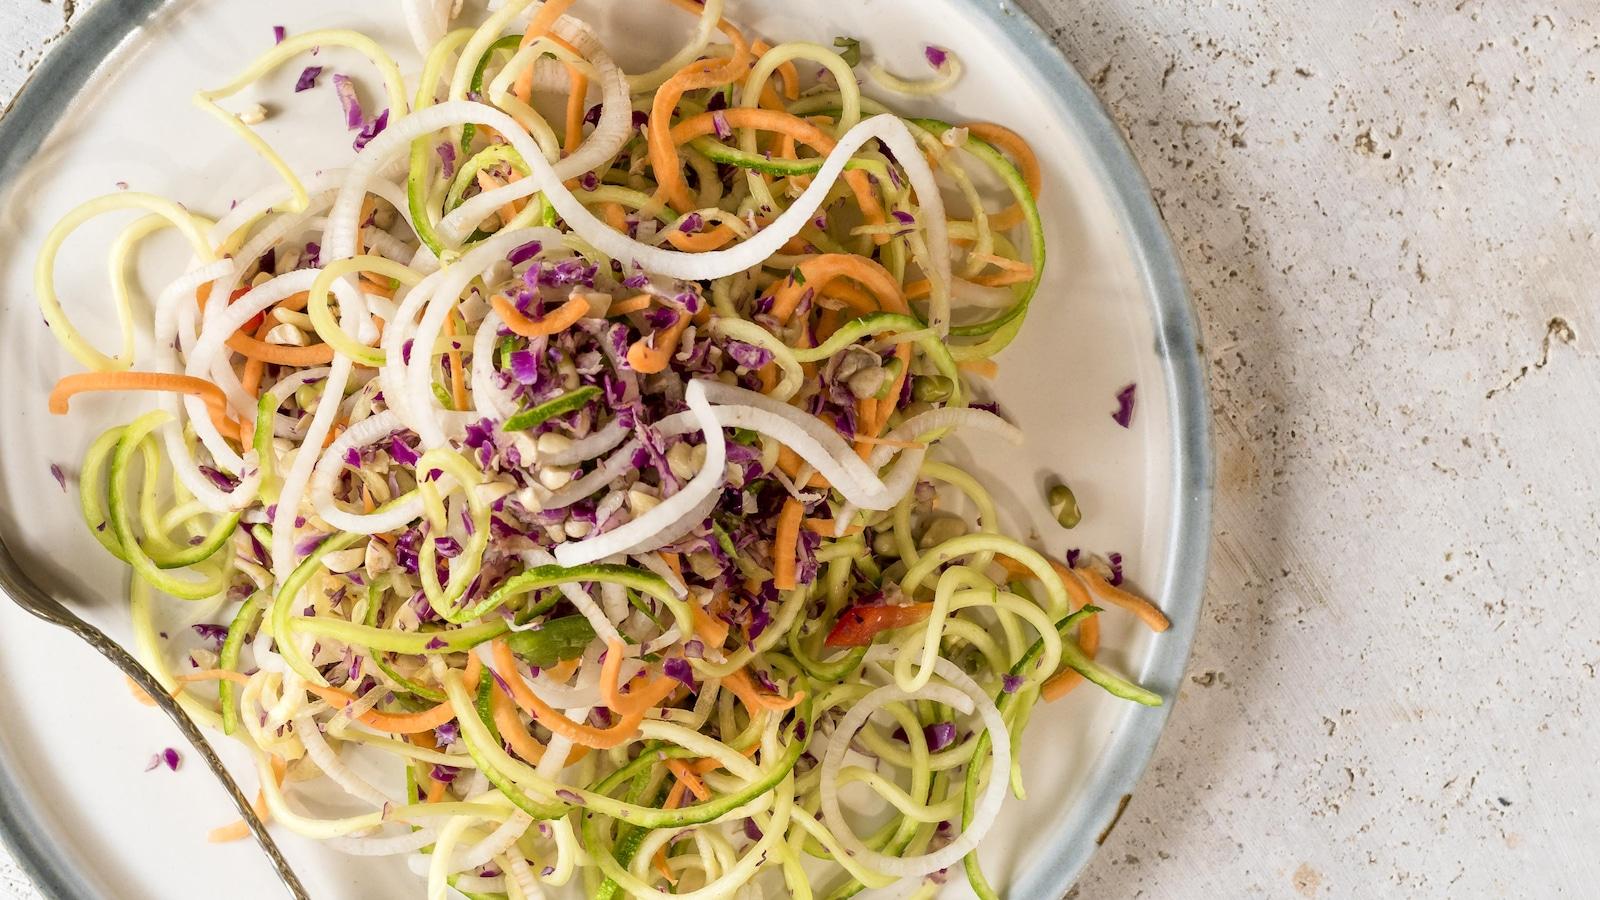 Salade photographiée par la photographe culinaire Catherine Côté